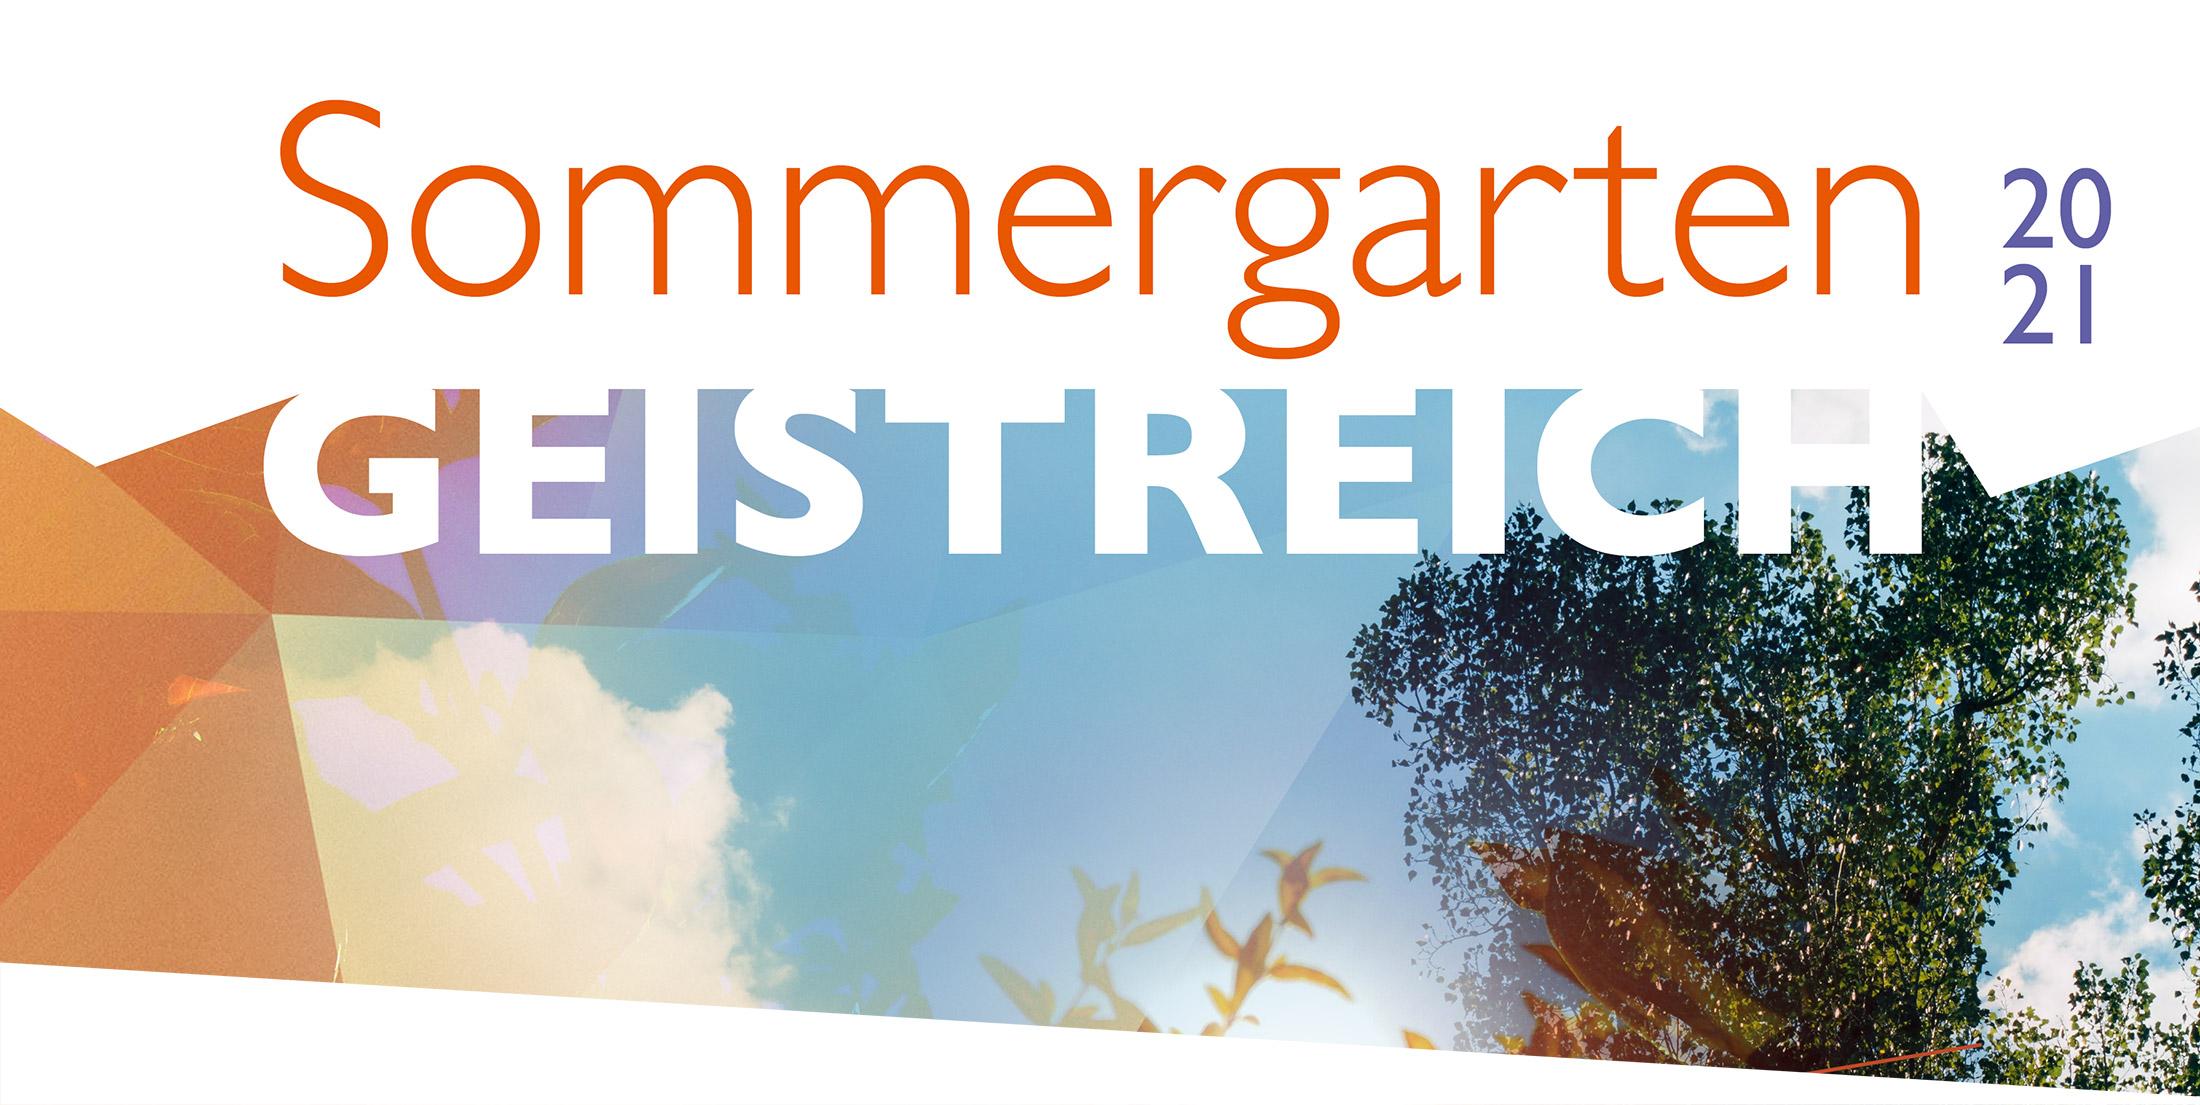 Sommergarten 2016